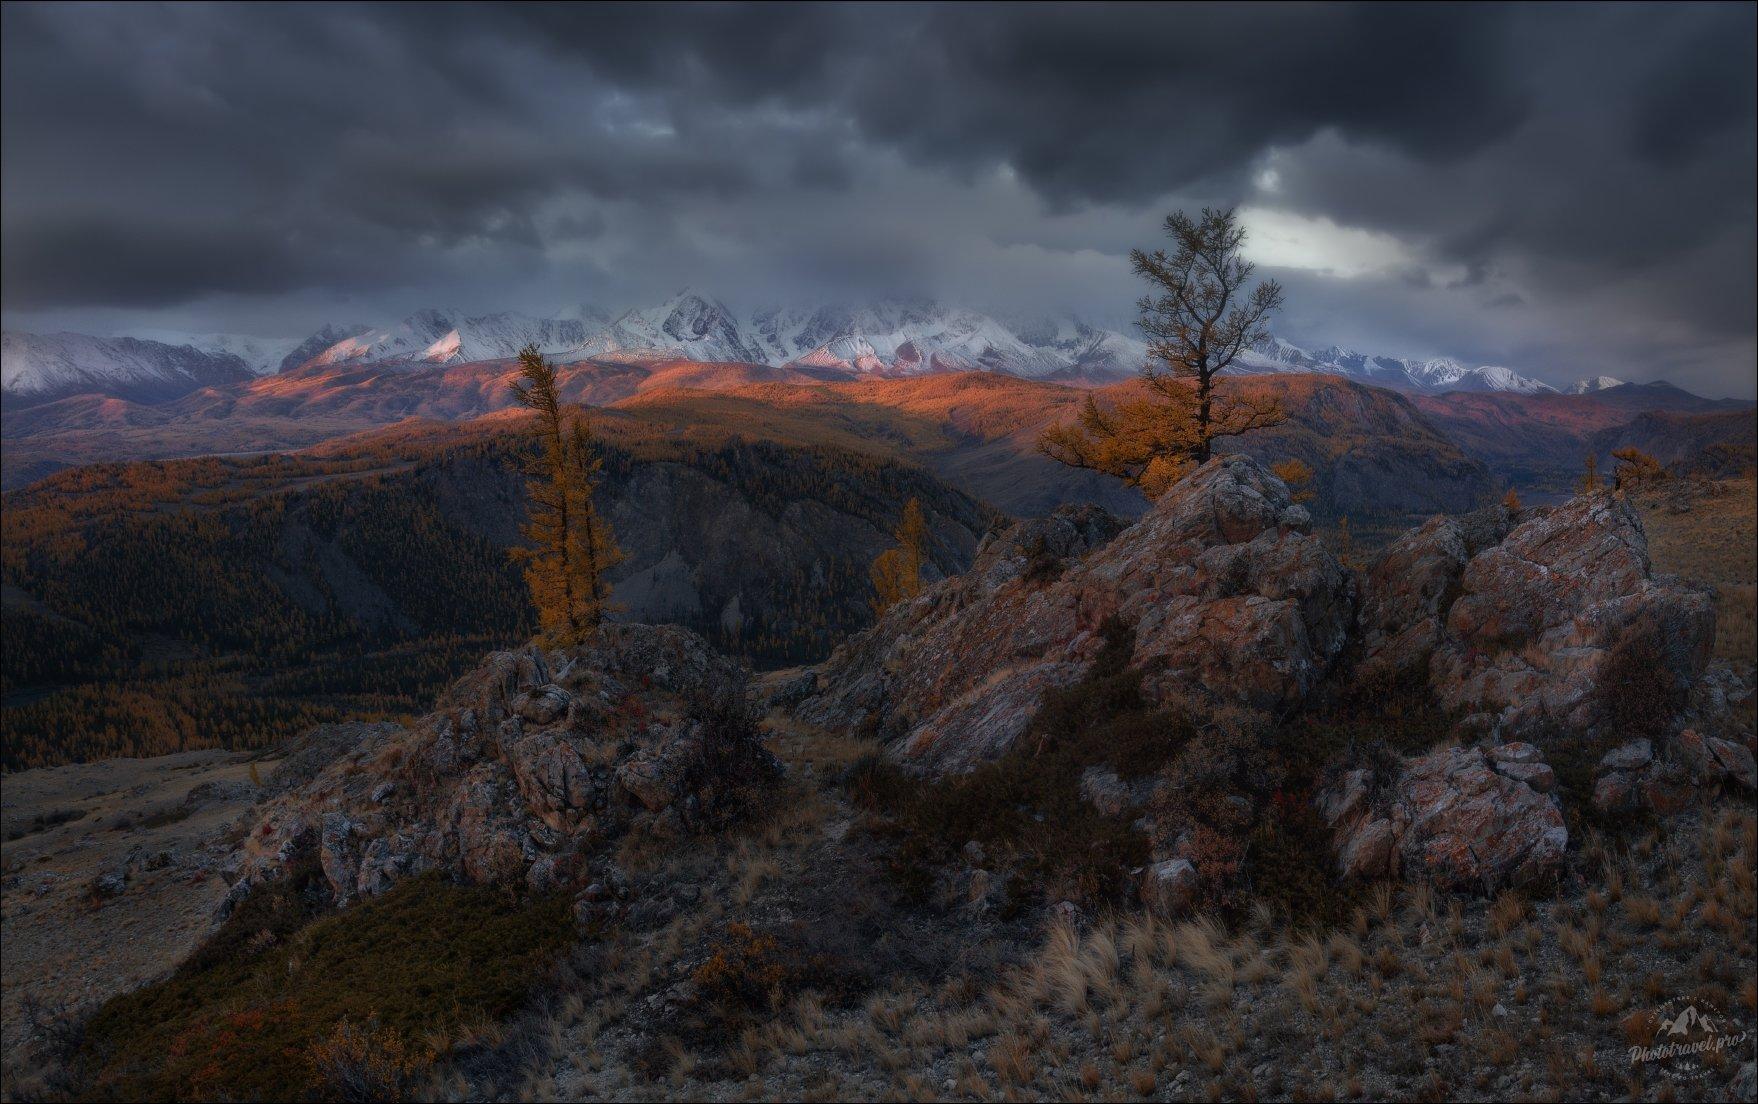 курайская степь, таджилу, тадилу, осень, северо-чуйский хребет, горный алтай, урочище, фототур, Влад Соколовский